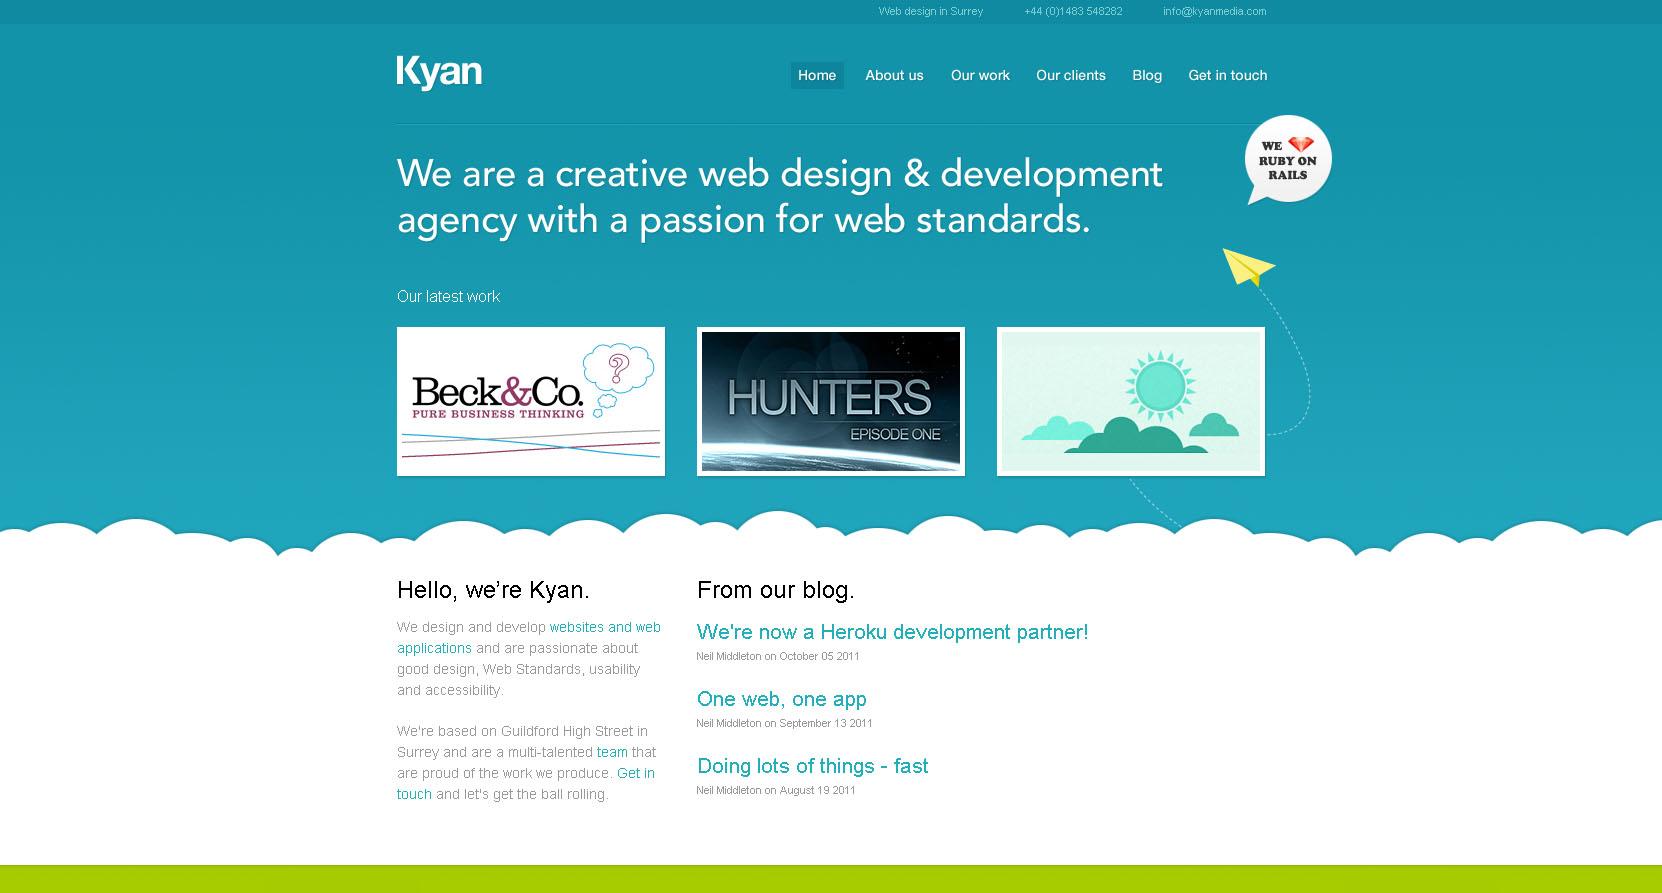 стиль веб 2.0